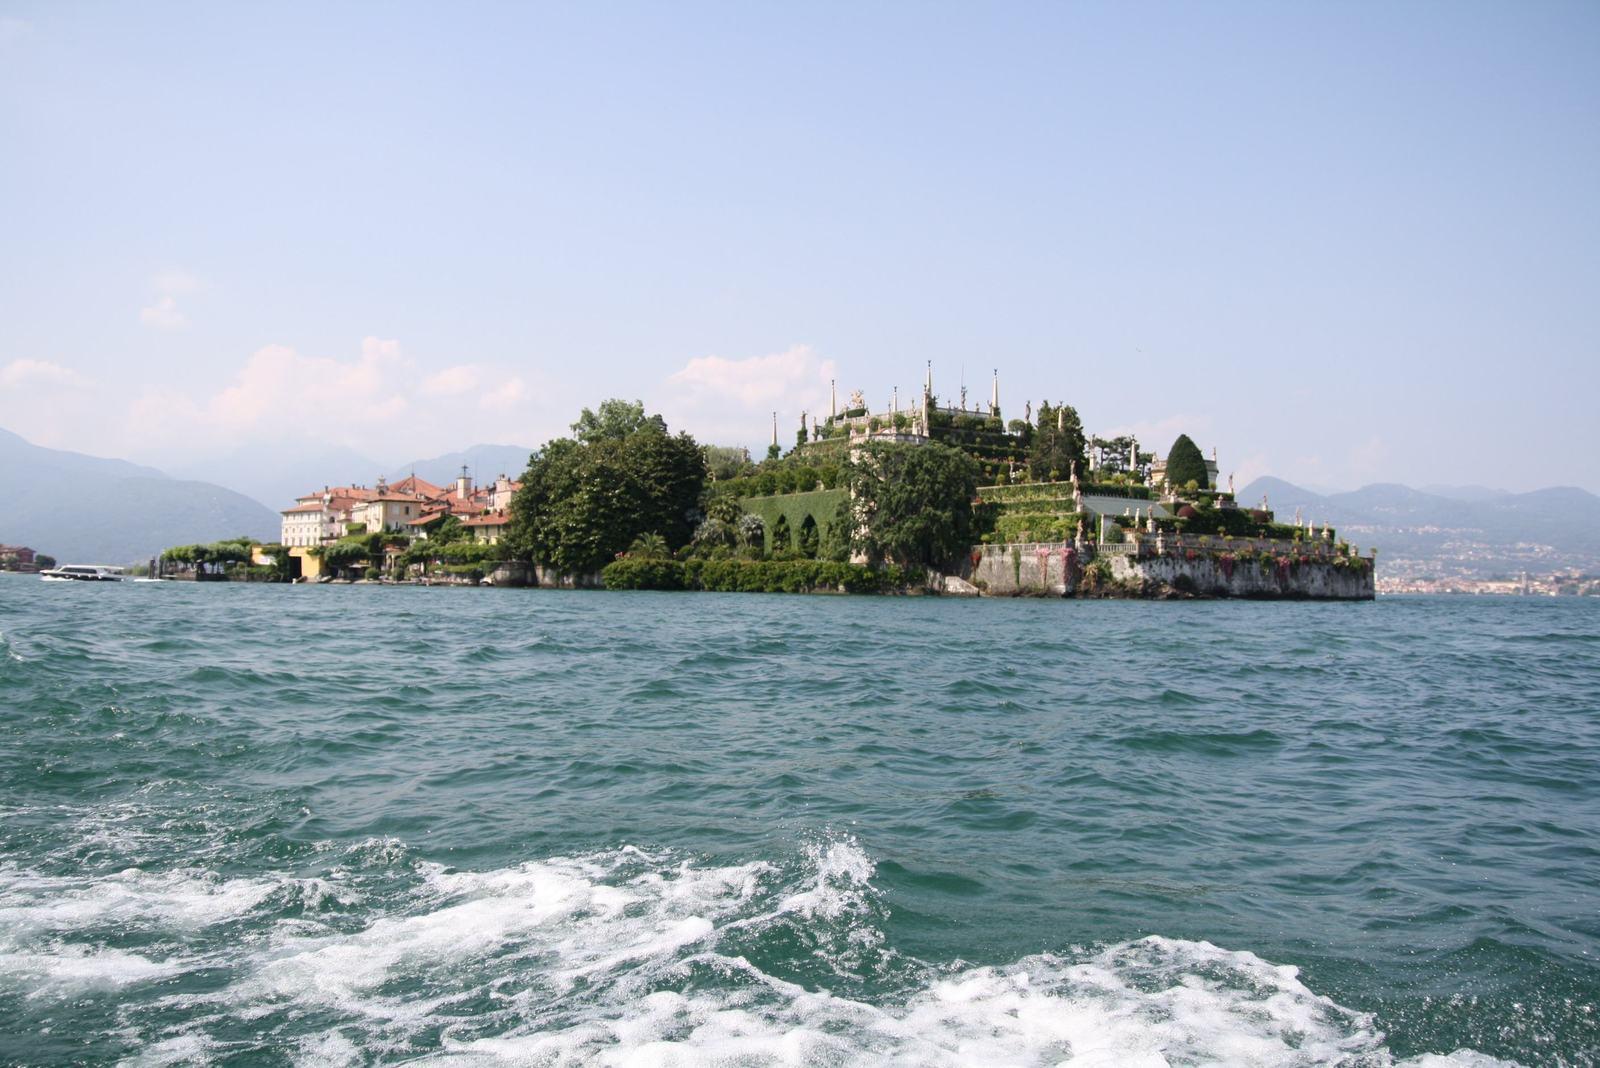 Img_5212 湖上に浮かぶベッラ島のボッロメオ宮殿と緑豊かな美の庭園。 マッジョーレ...